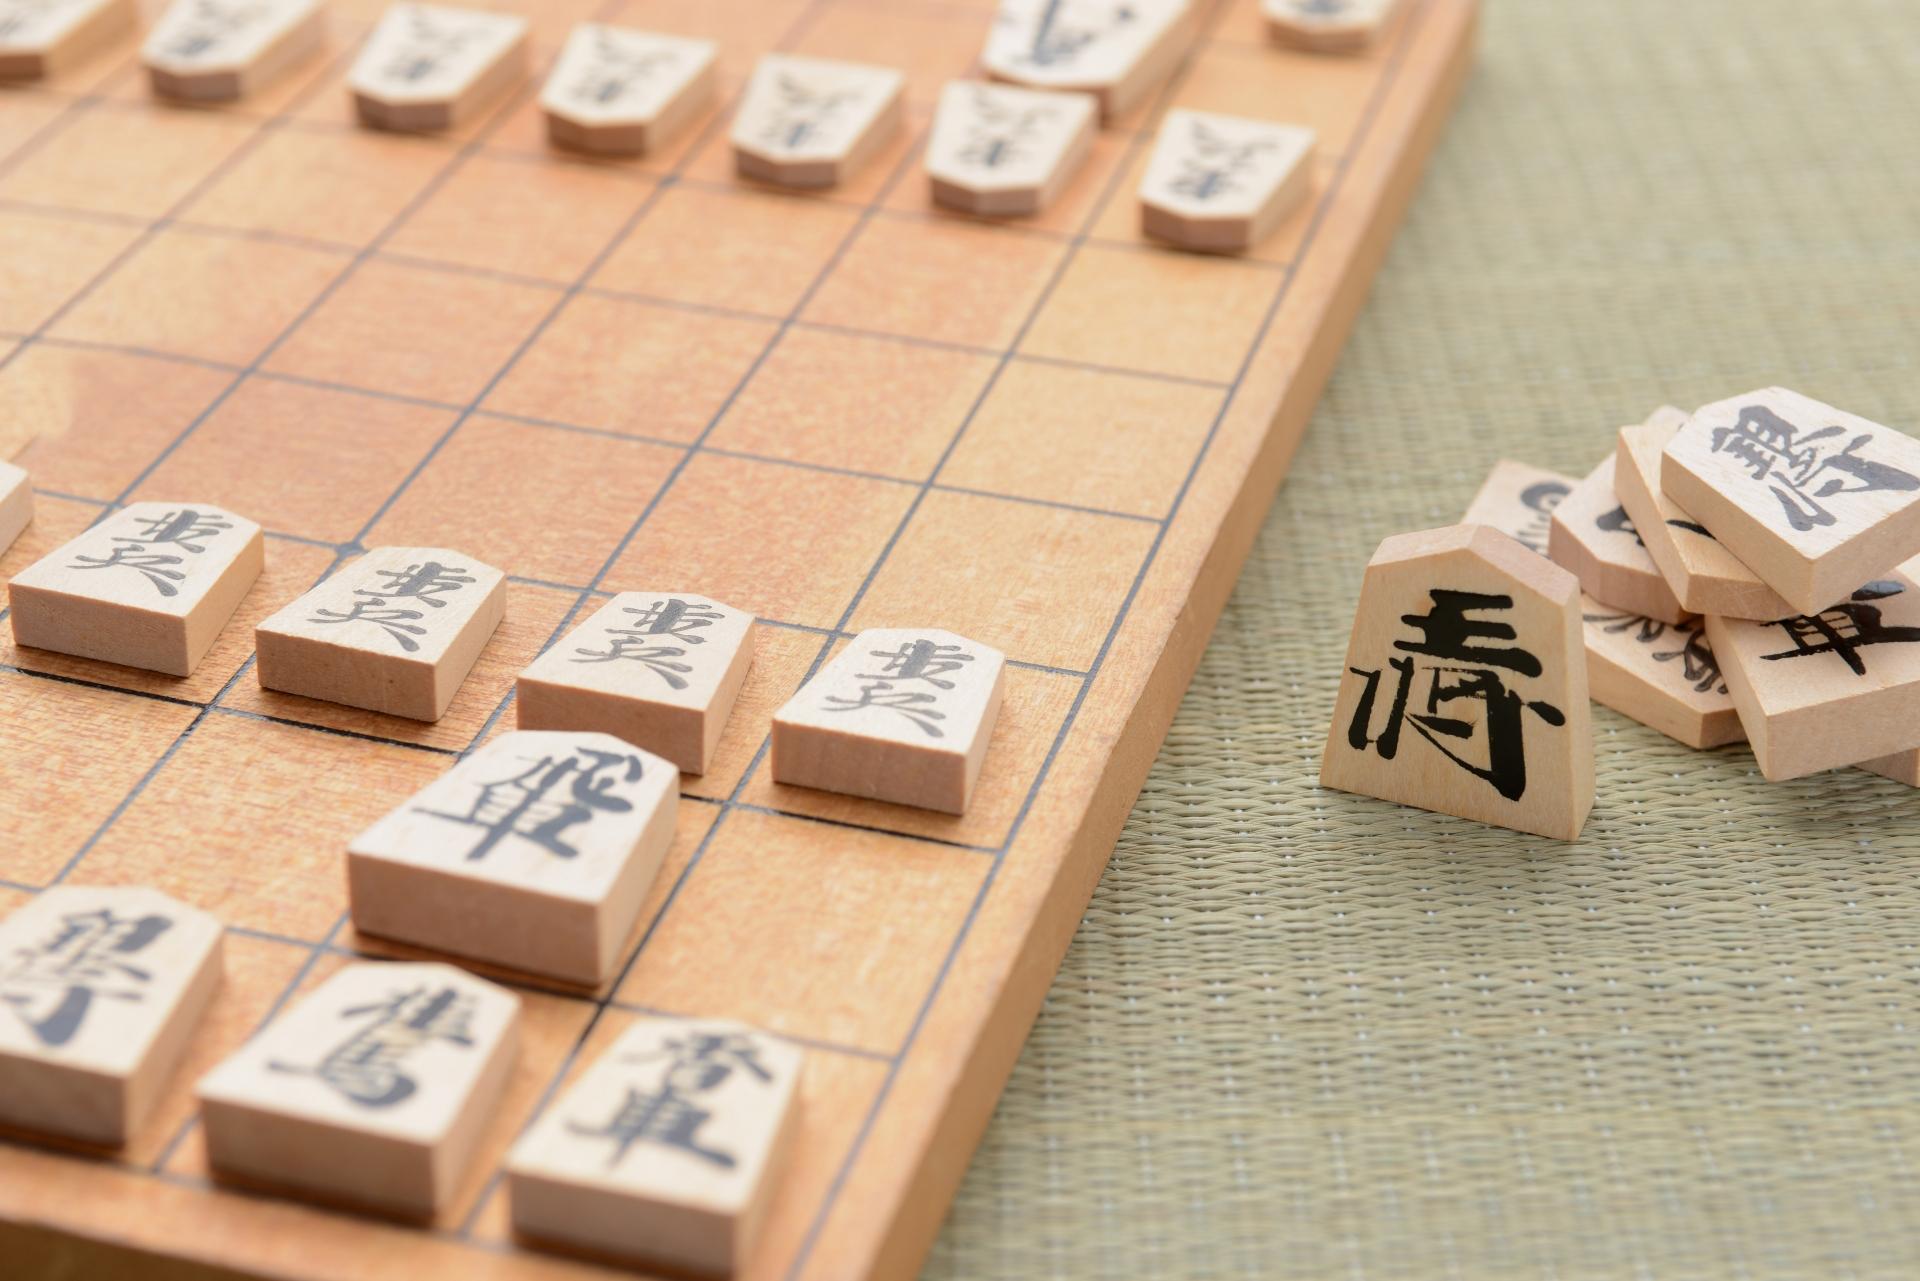 2ch 将棋 まとめ 【2ch竜王プロジェクト】新しい将棋のネットまとめサイトを作ろう